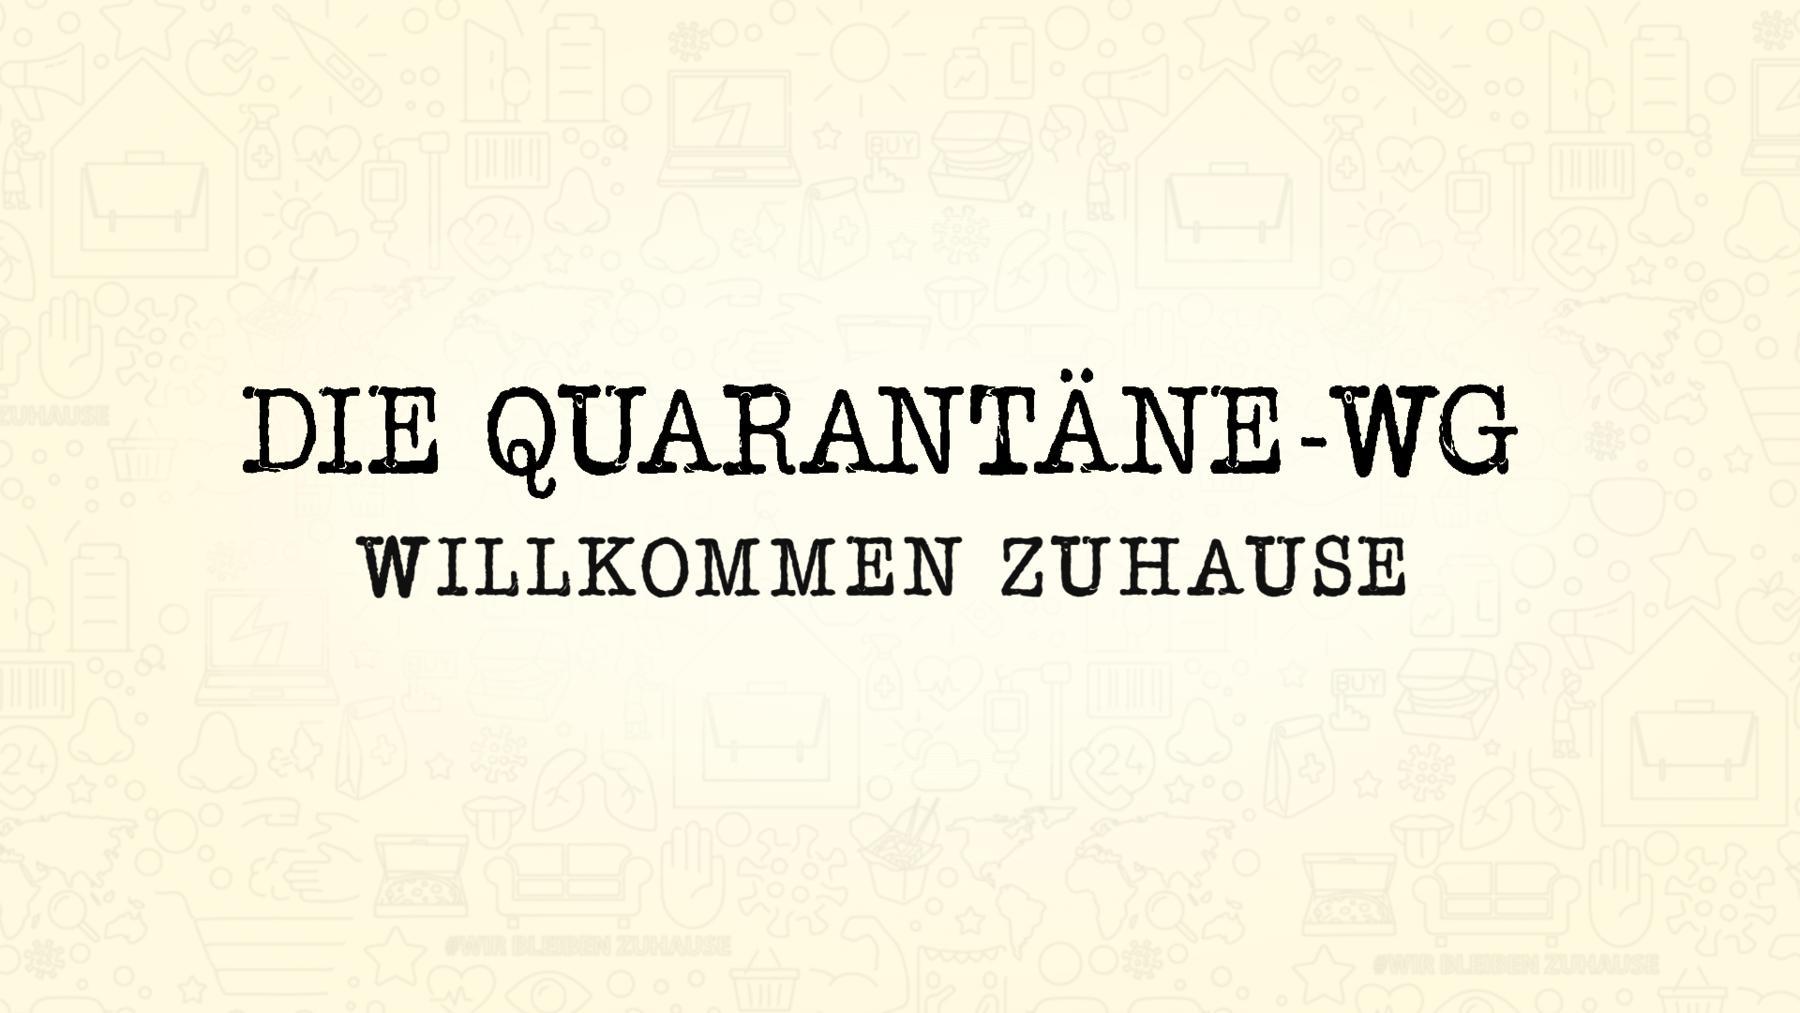 Die Quarantäne-WG